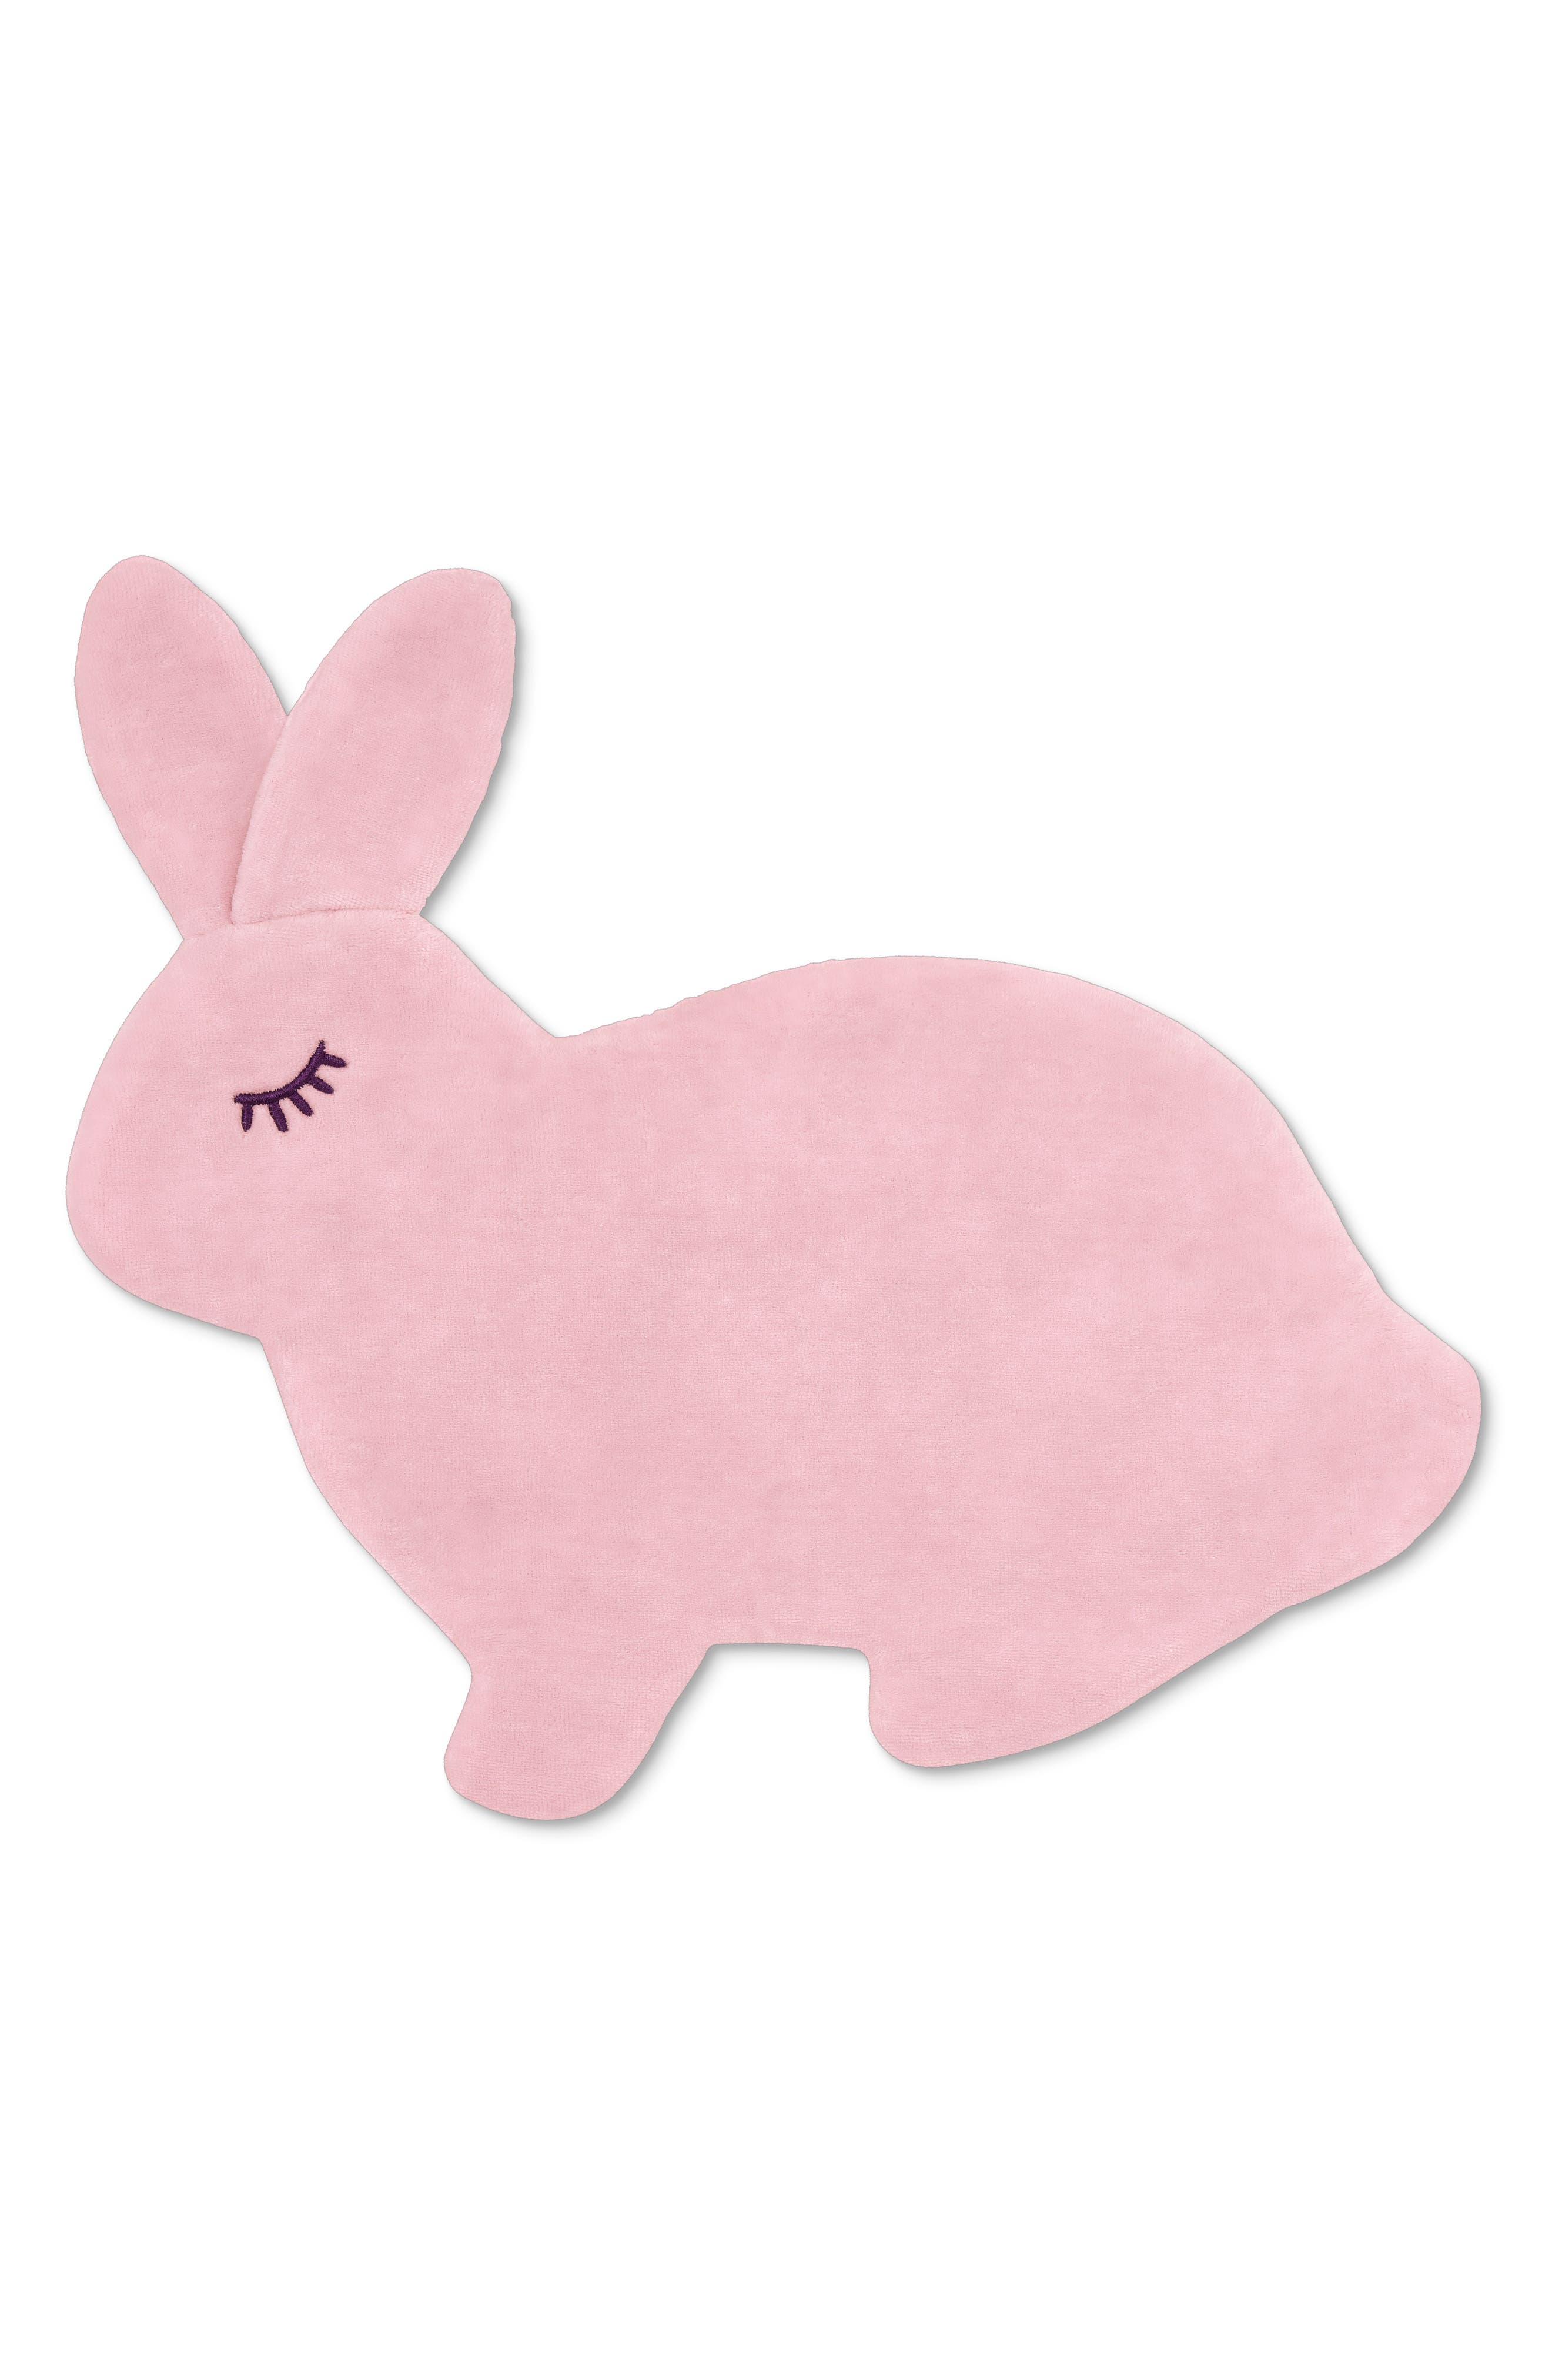 APPLE PARK TOYS, Bunny Crinkle Blankie, Main thumbnail 1, color, 650